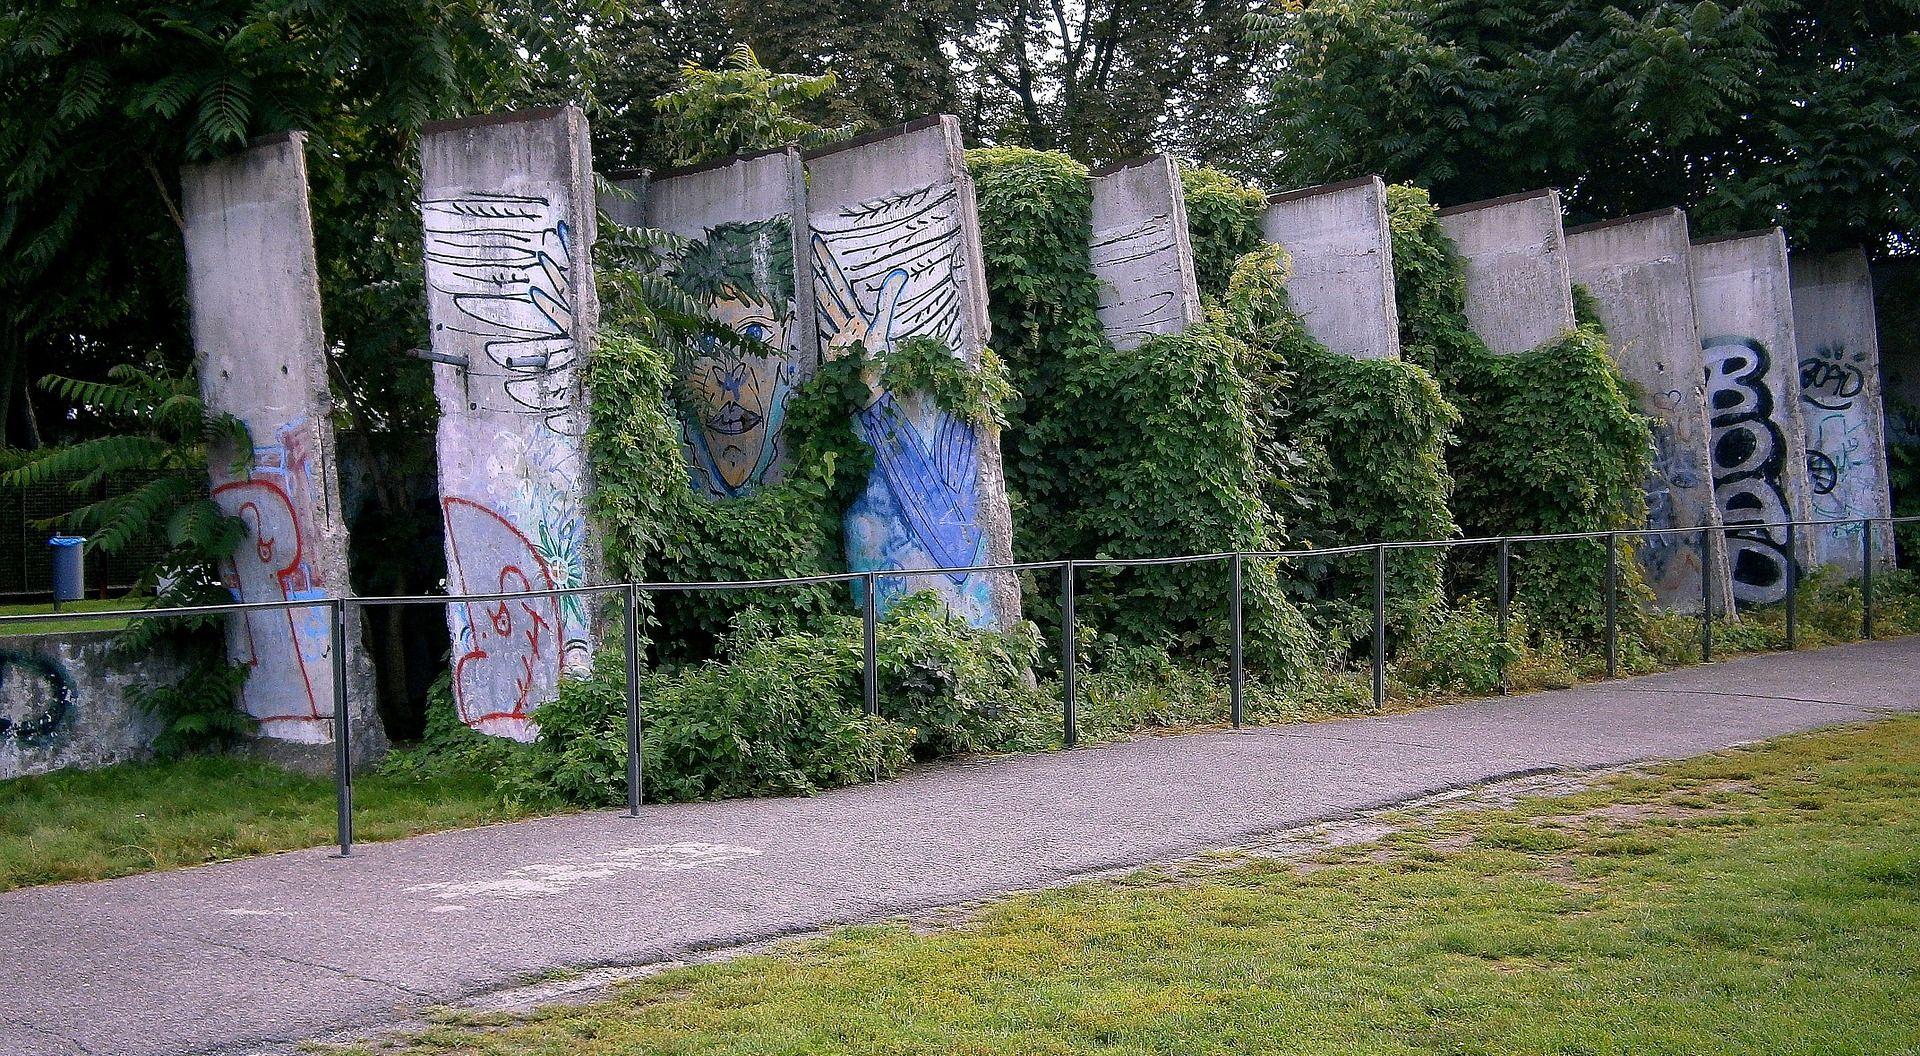 Prodaju se dijelovi Berlinskog zida